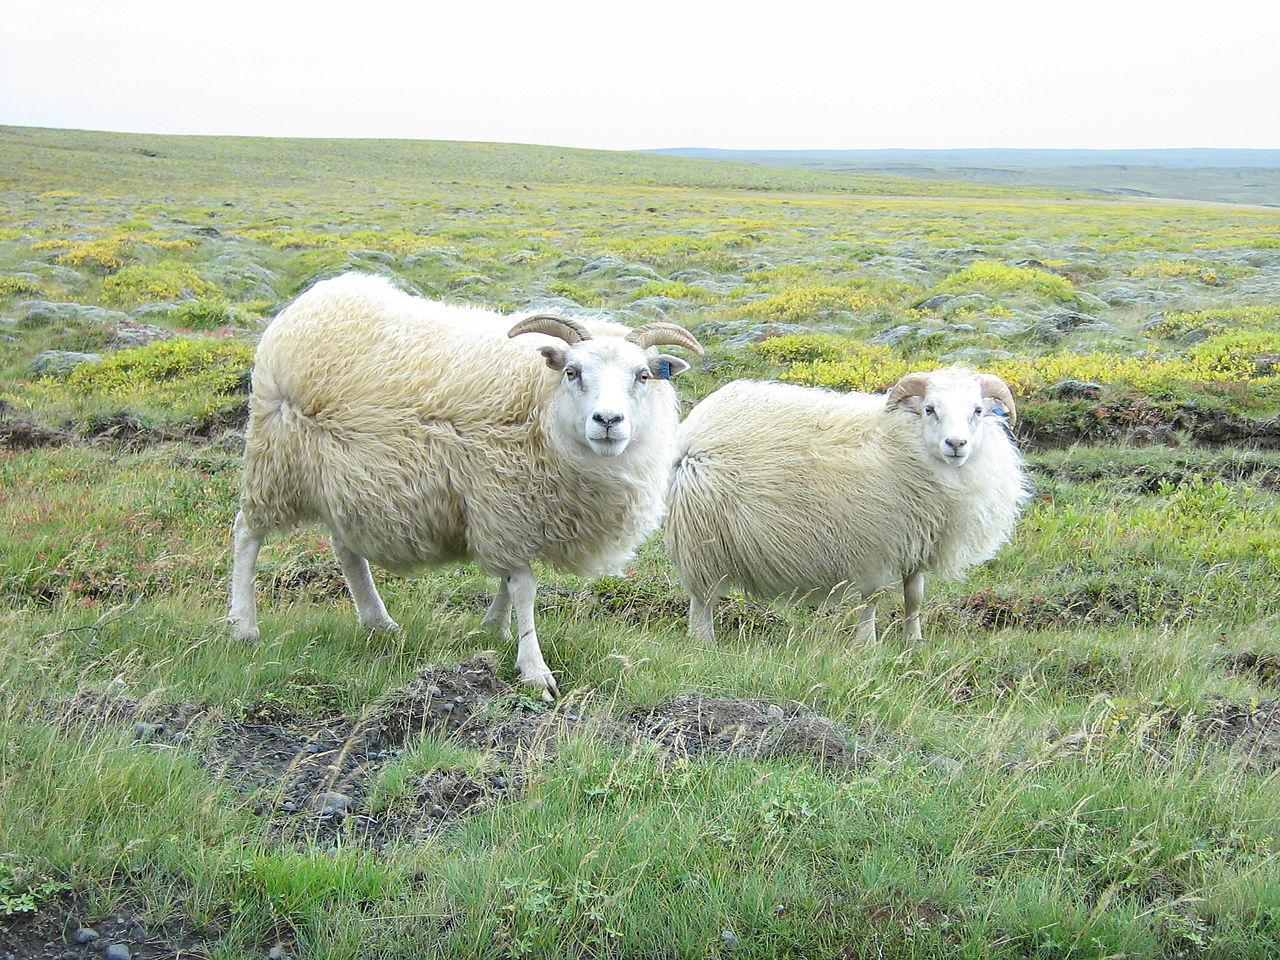 Козы в долине Тингвеллир, Исландия